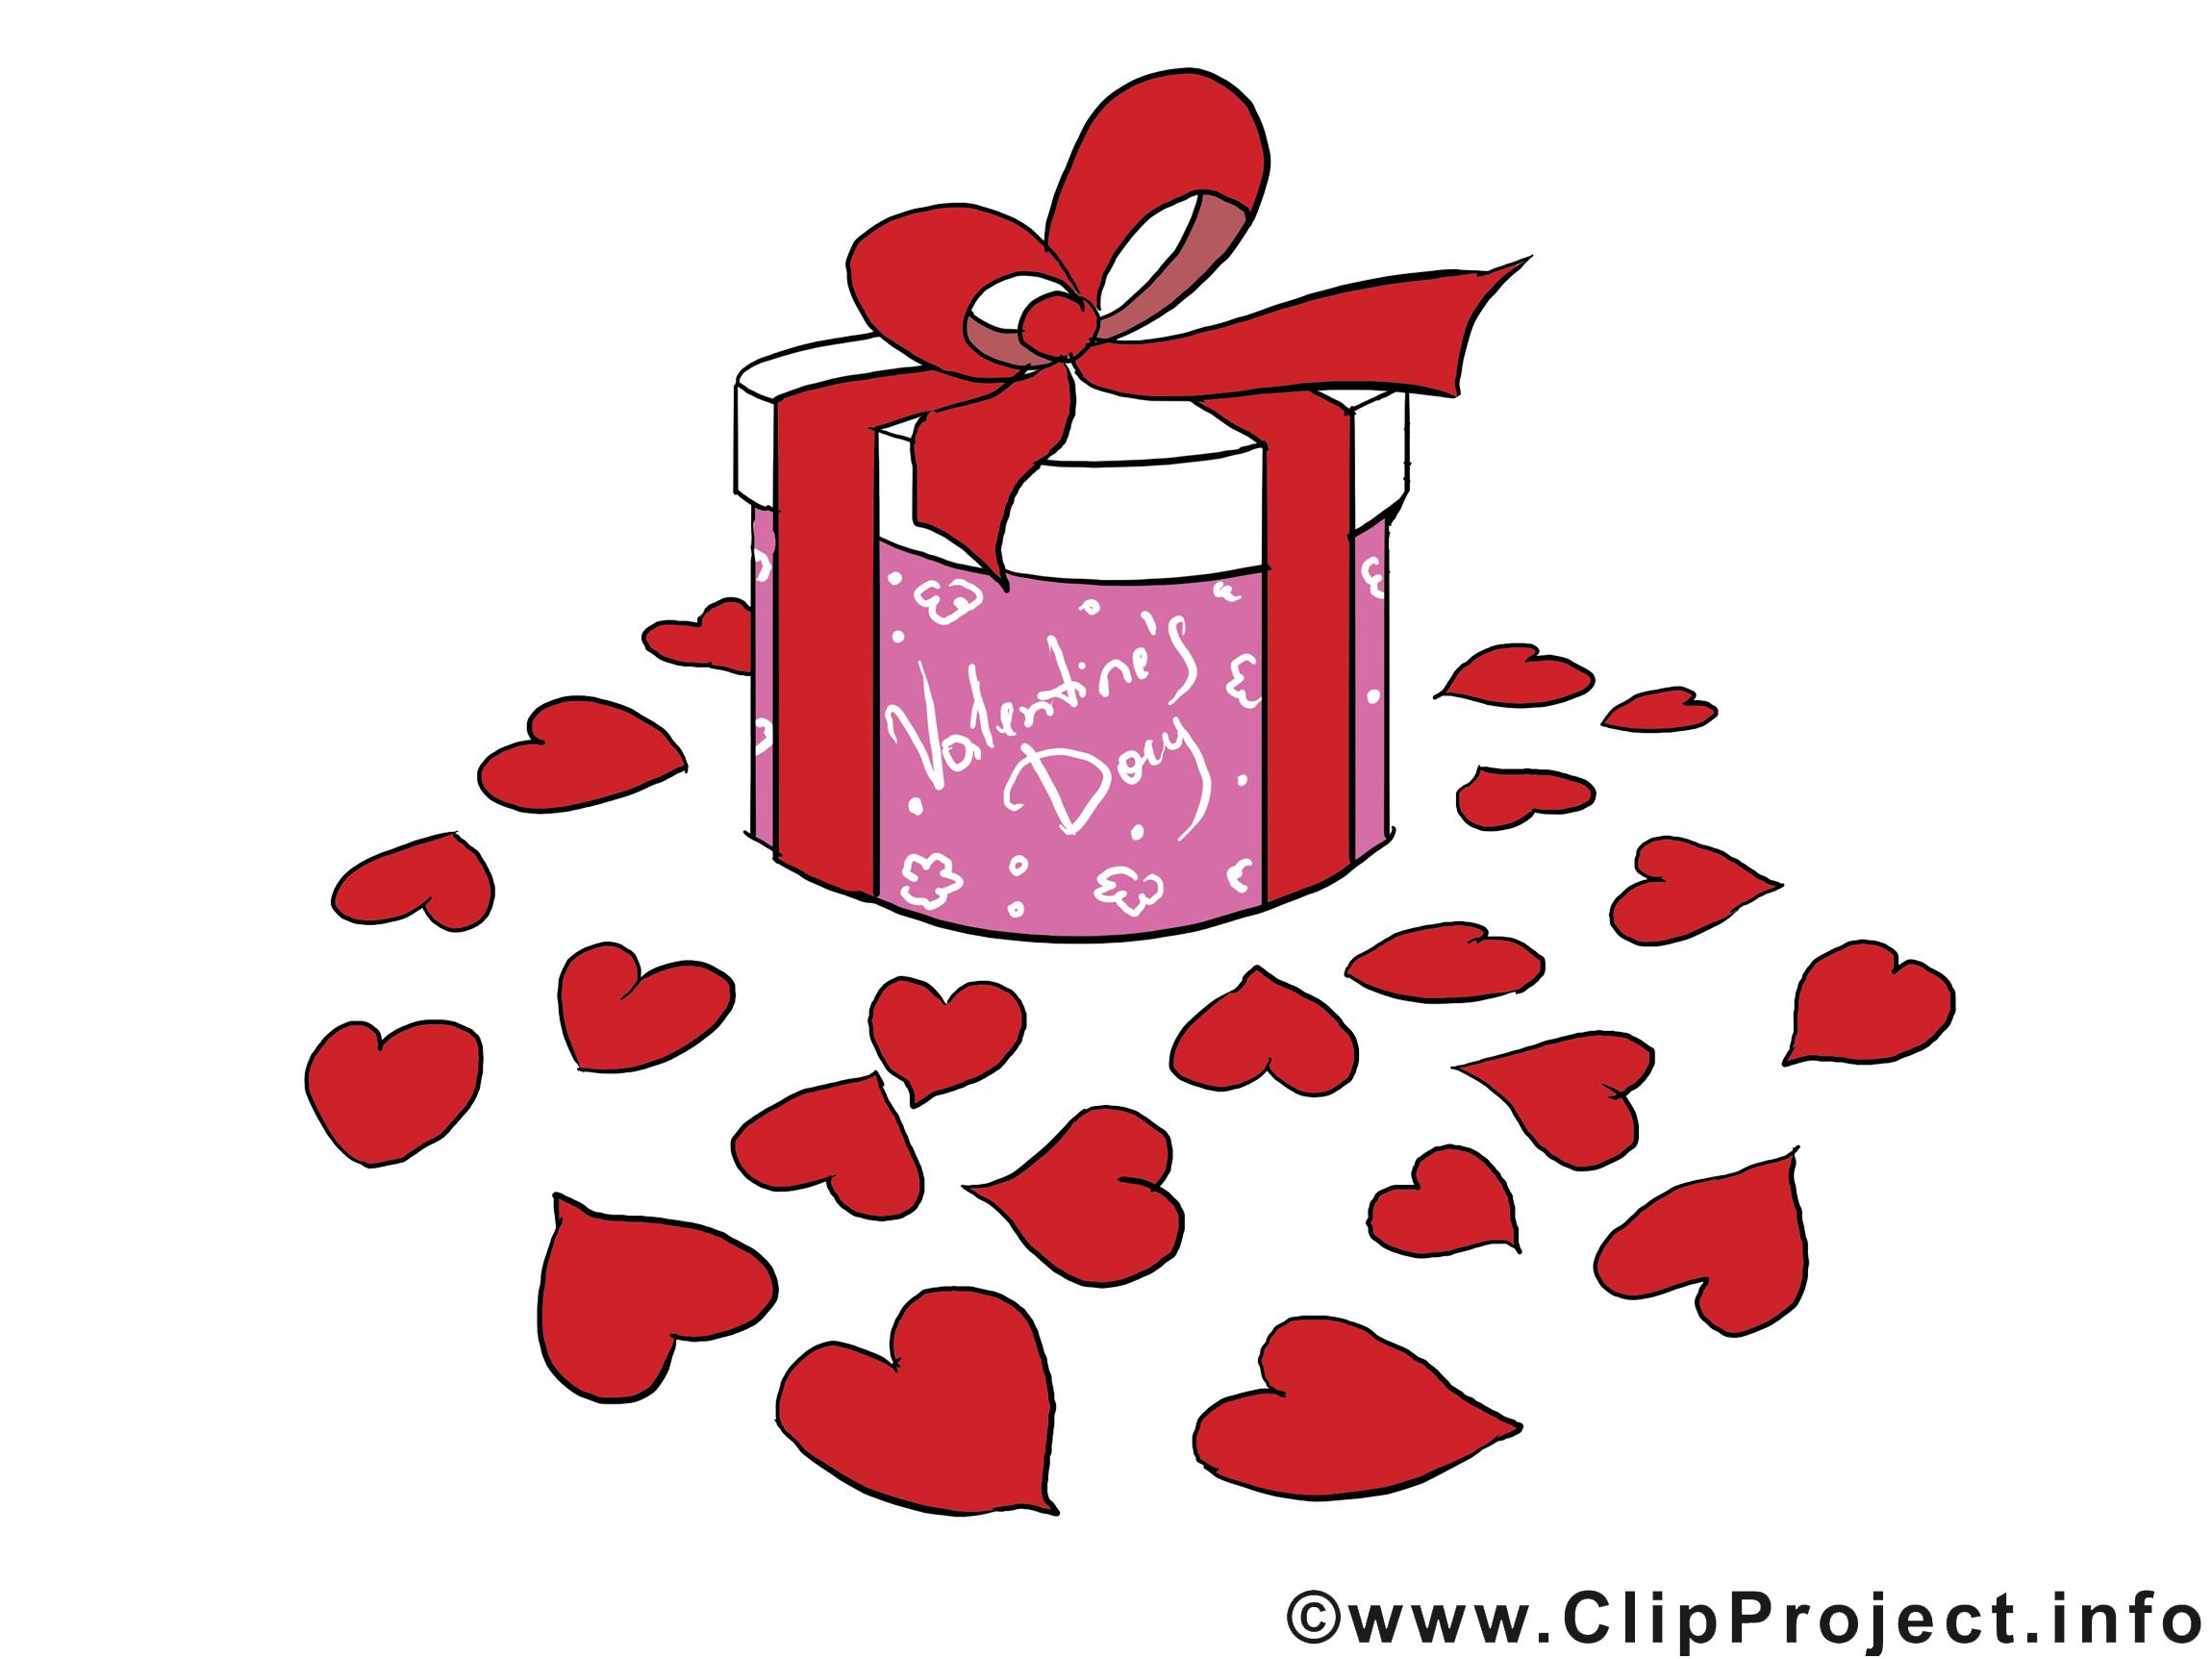 Cadeau cliparts - Saint-Valentin images gratuites